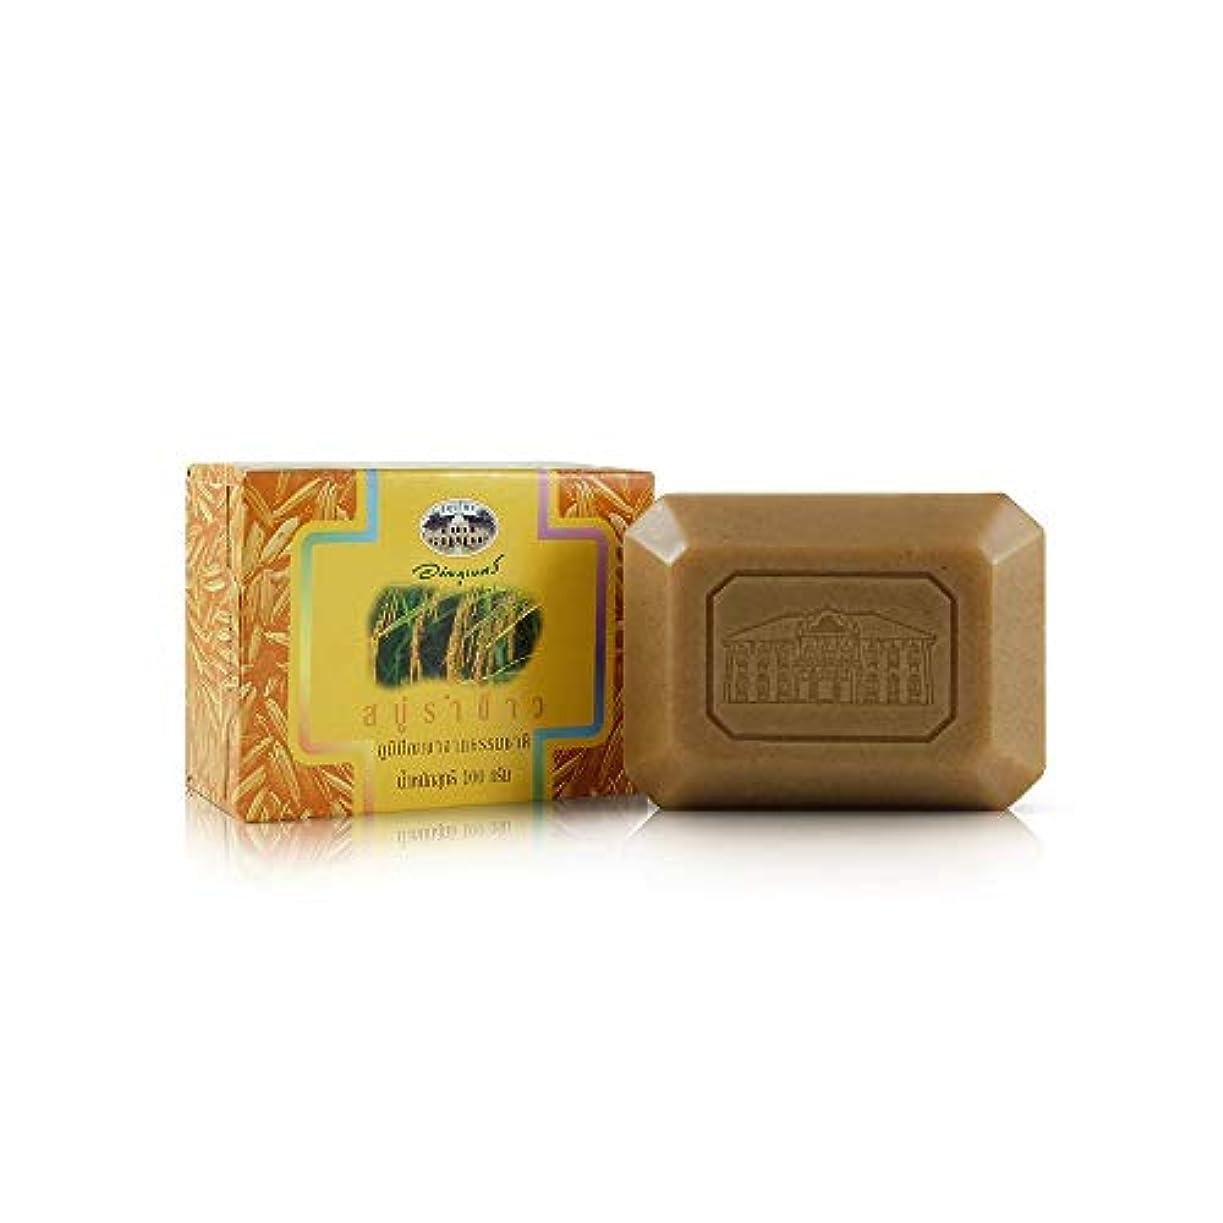 期限黒くする地元Abhaibhubejhr Rice Bran Herbal Body Cleansing Soap 100g. Abhaibhubejhrライスブランハーブボディクレンジングソープ100グラム。